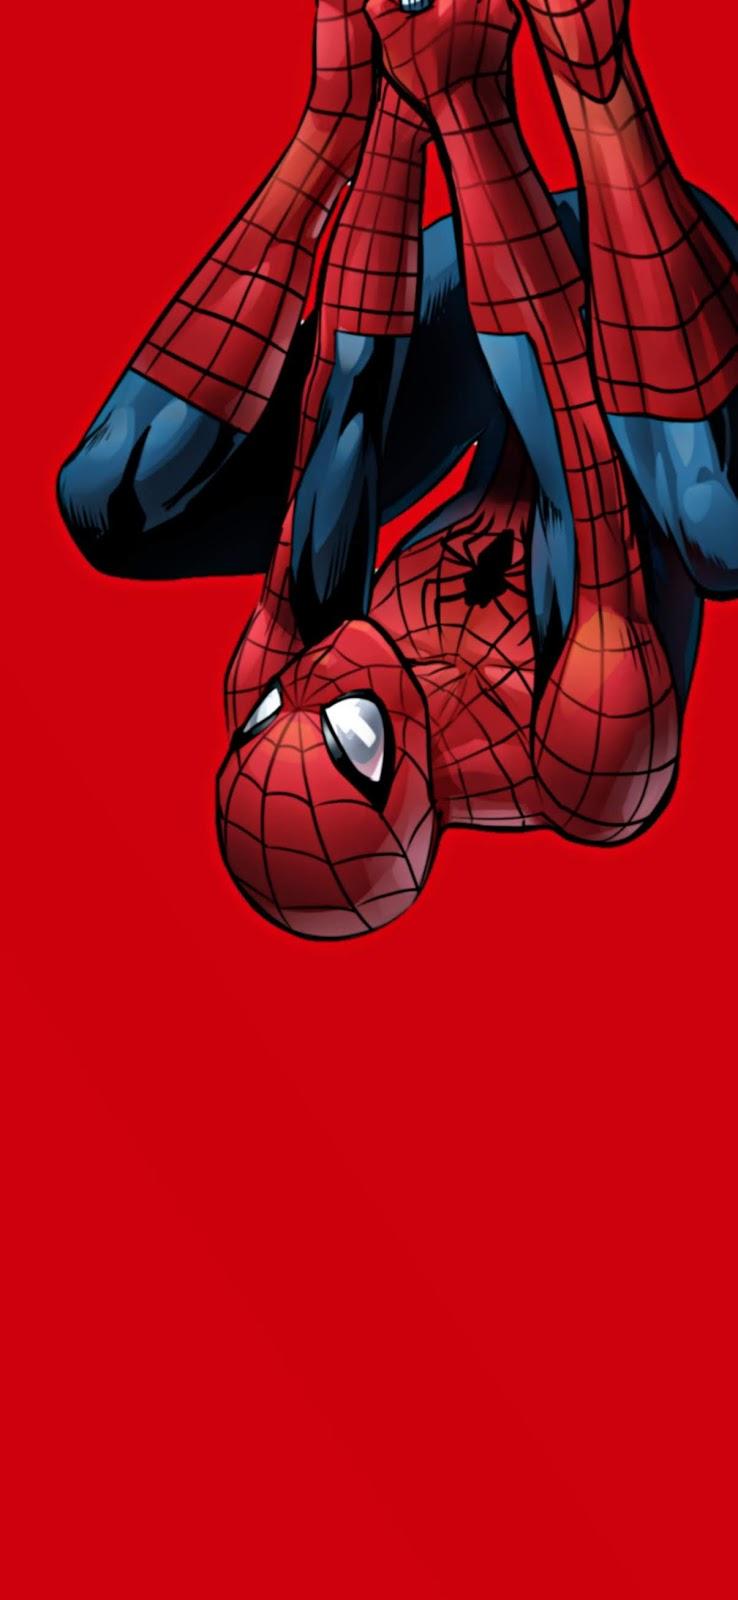 صور وخلفيات سبايدرمان للهواتف الذكية الايفون والأندرويد Spider Man